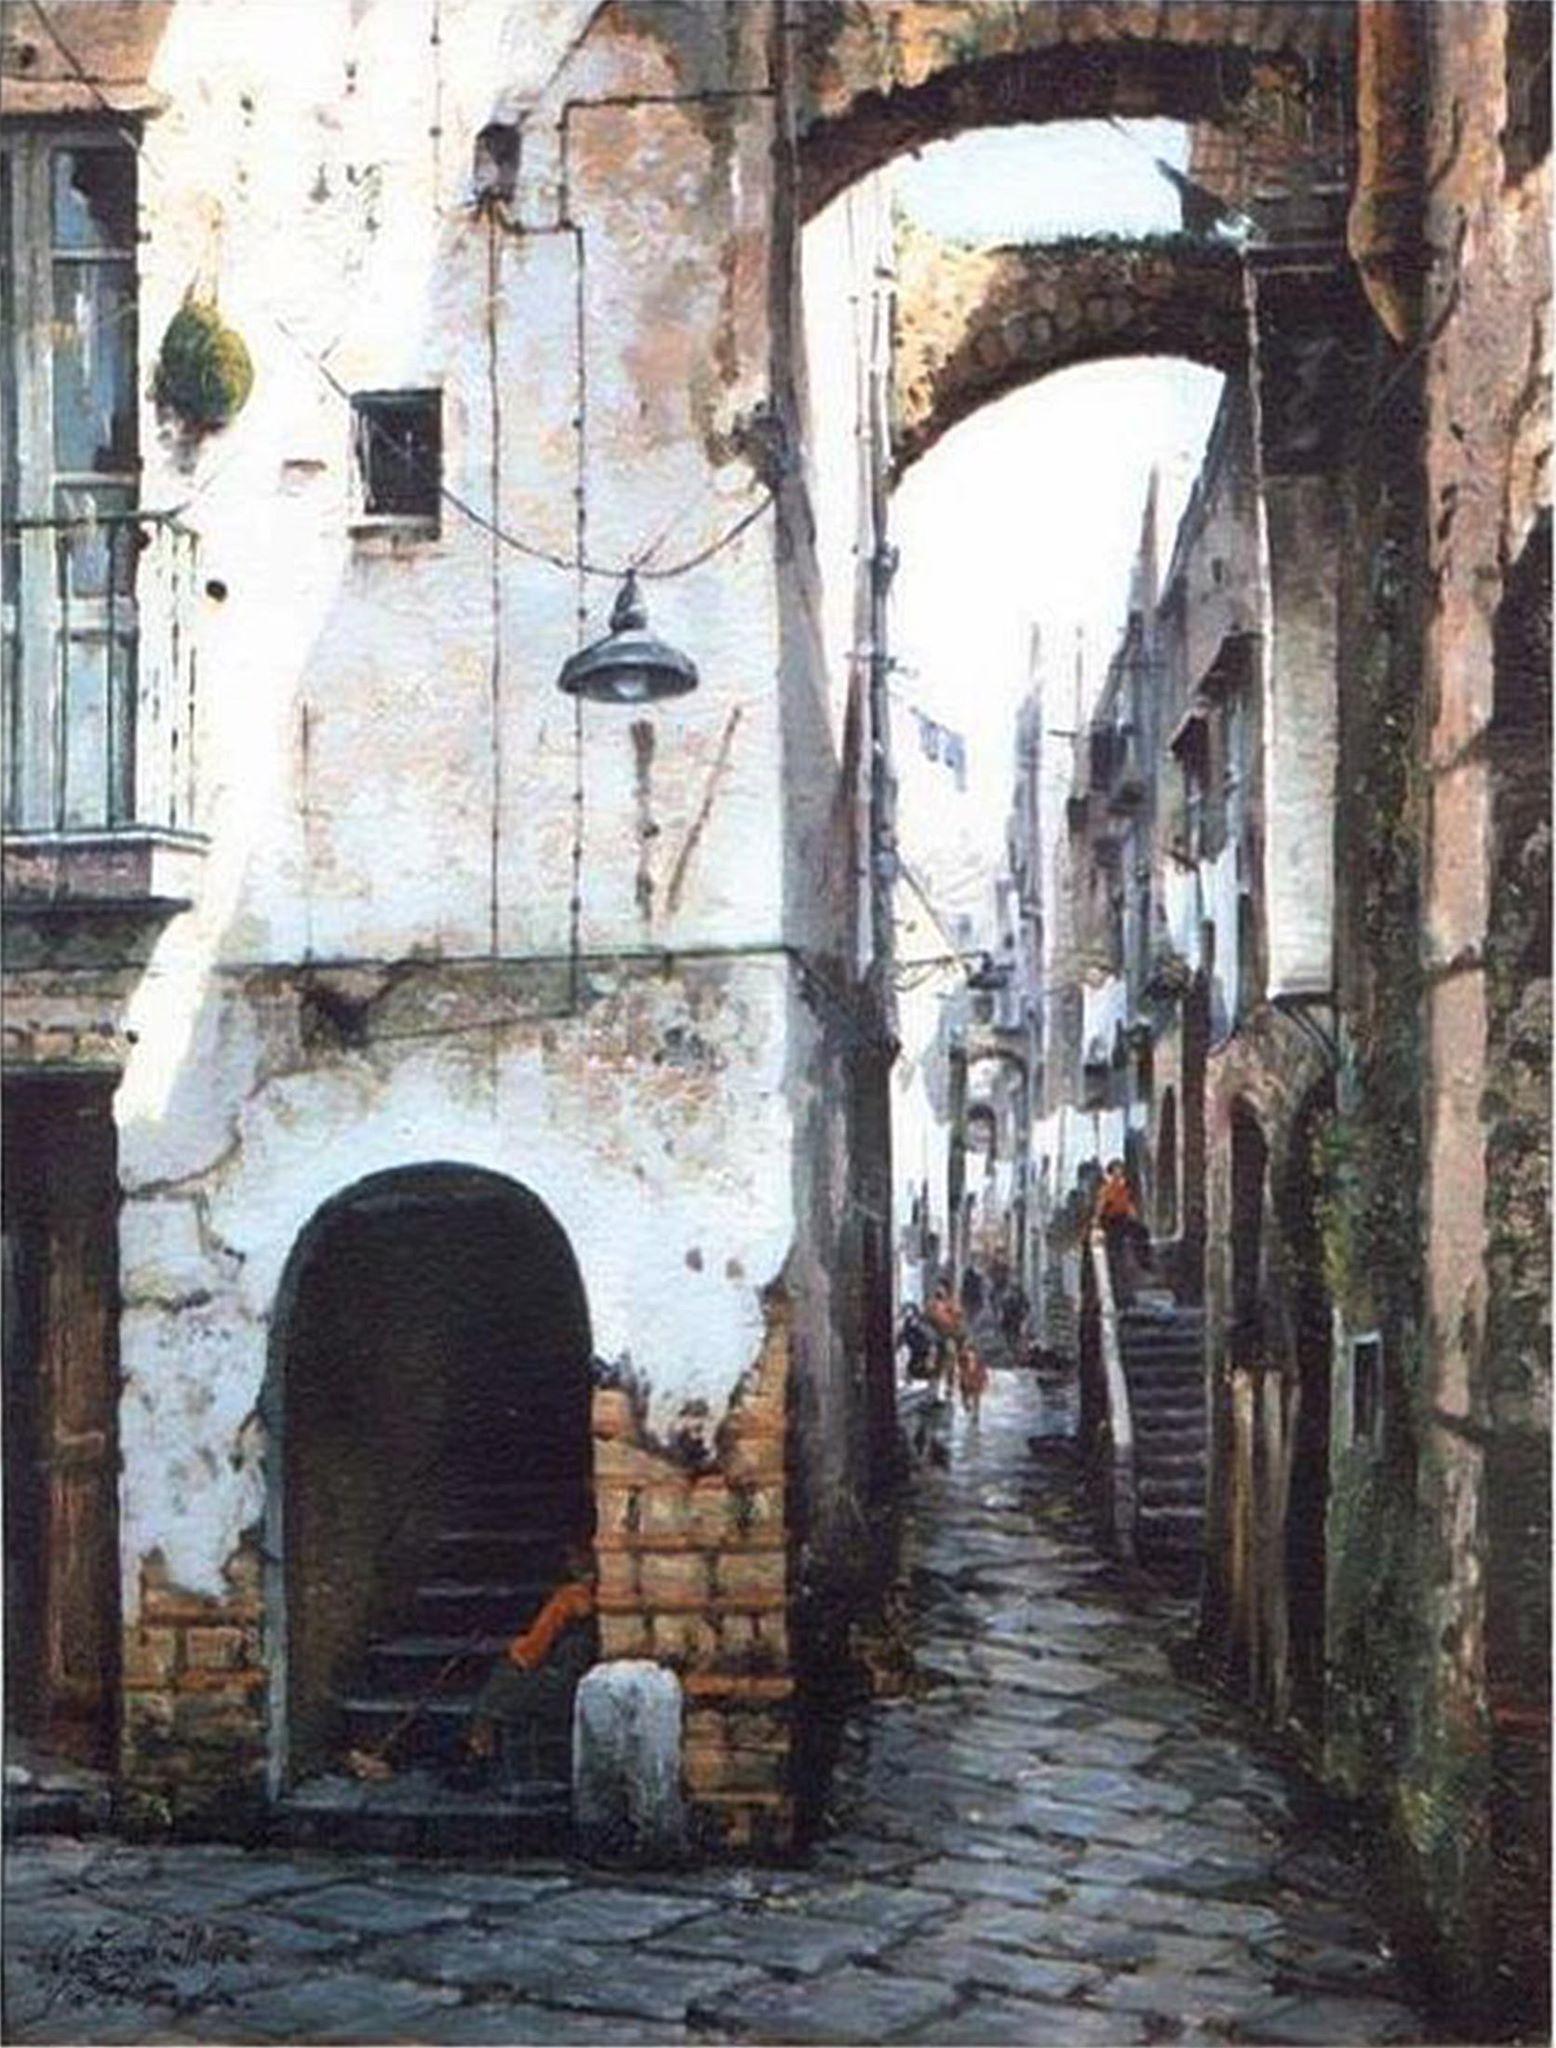 Antonio Isabettini, Via Pesterola - Rione Terra, 1996, olio su faesite, 50 x 40 cm